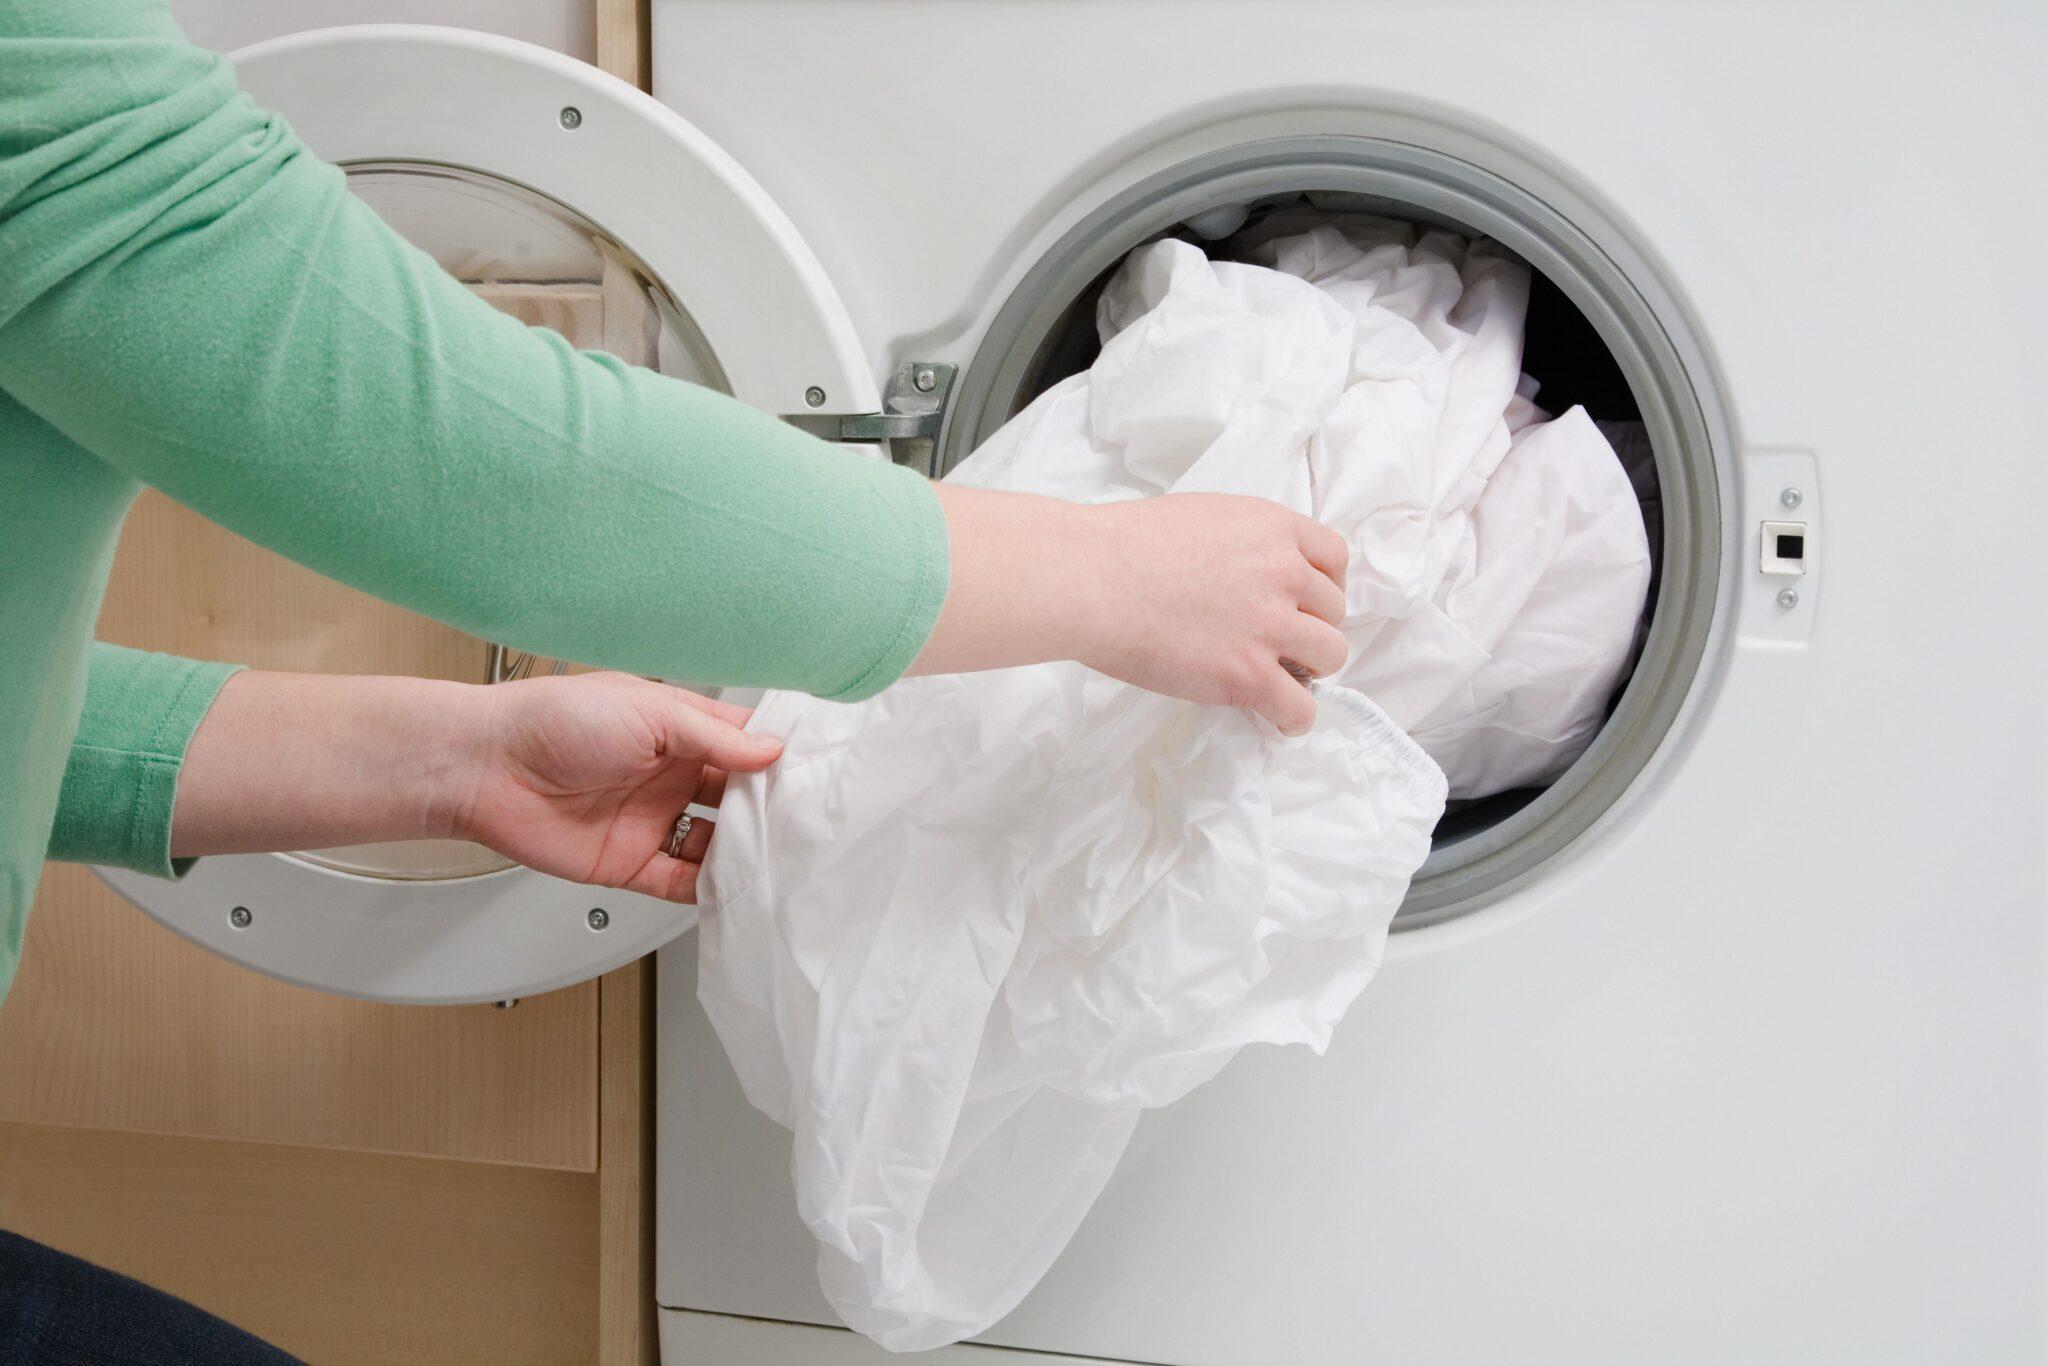 Как отмыть занавеску в ванной комнате от желтизны и плесени